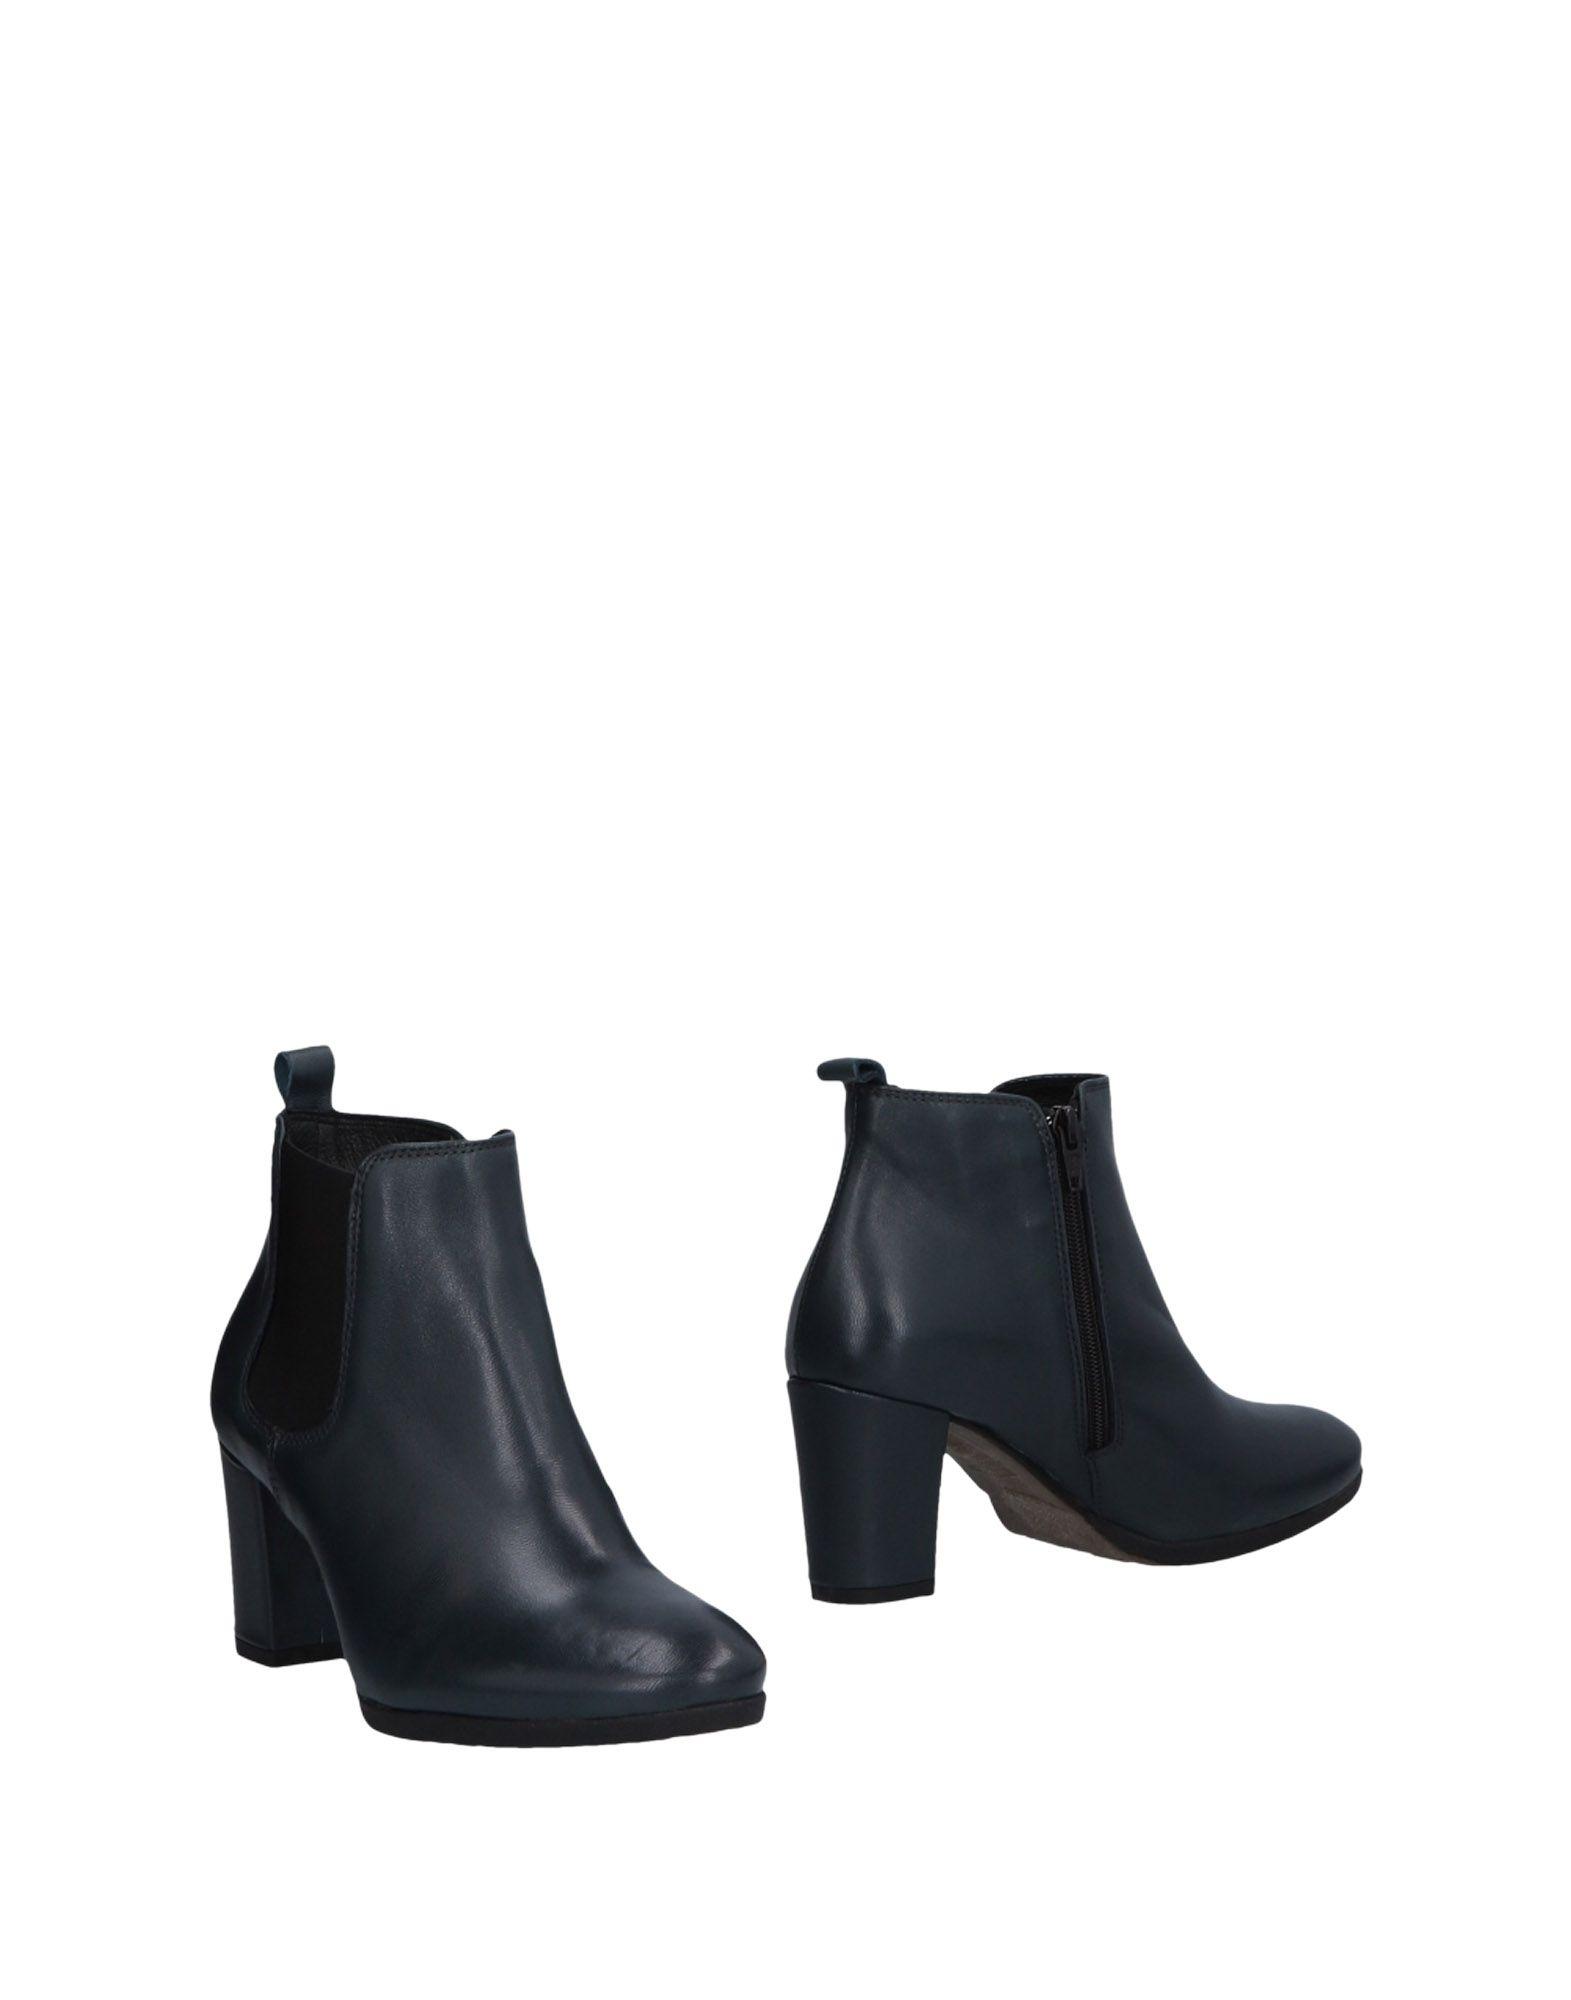 Mally Stiefelette Damen  11475351WA Gute Qualität beliebte Schuhe